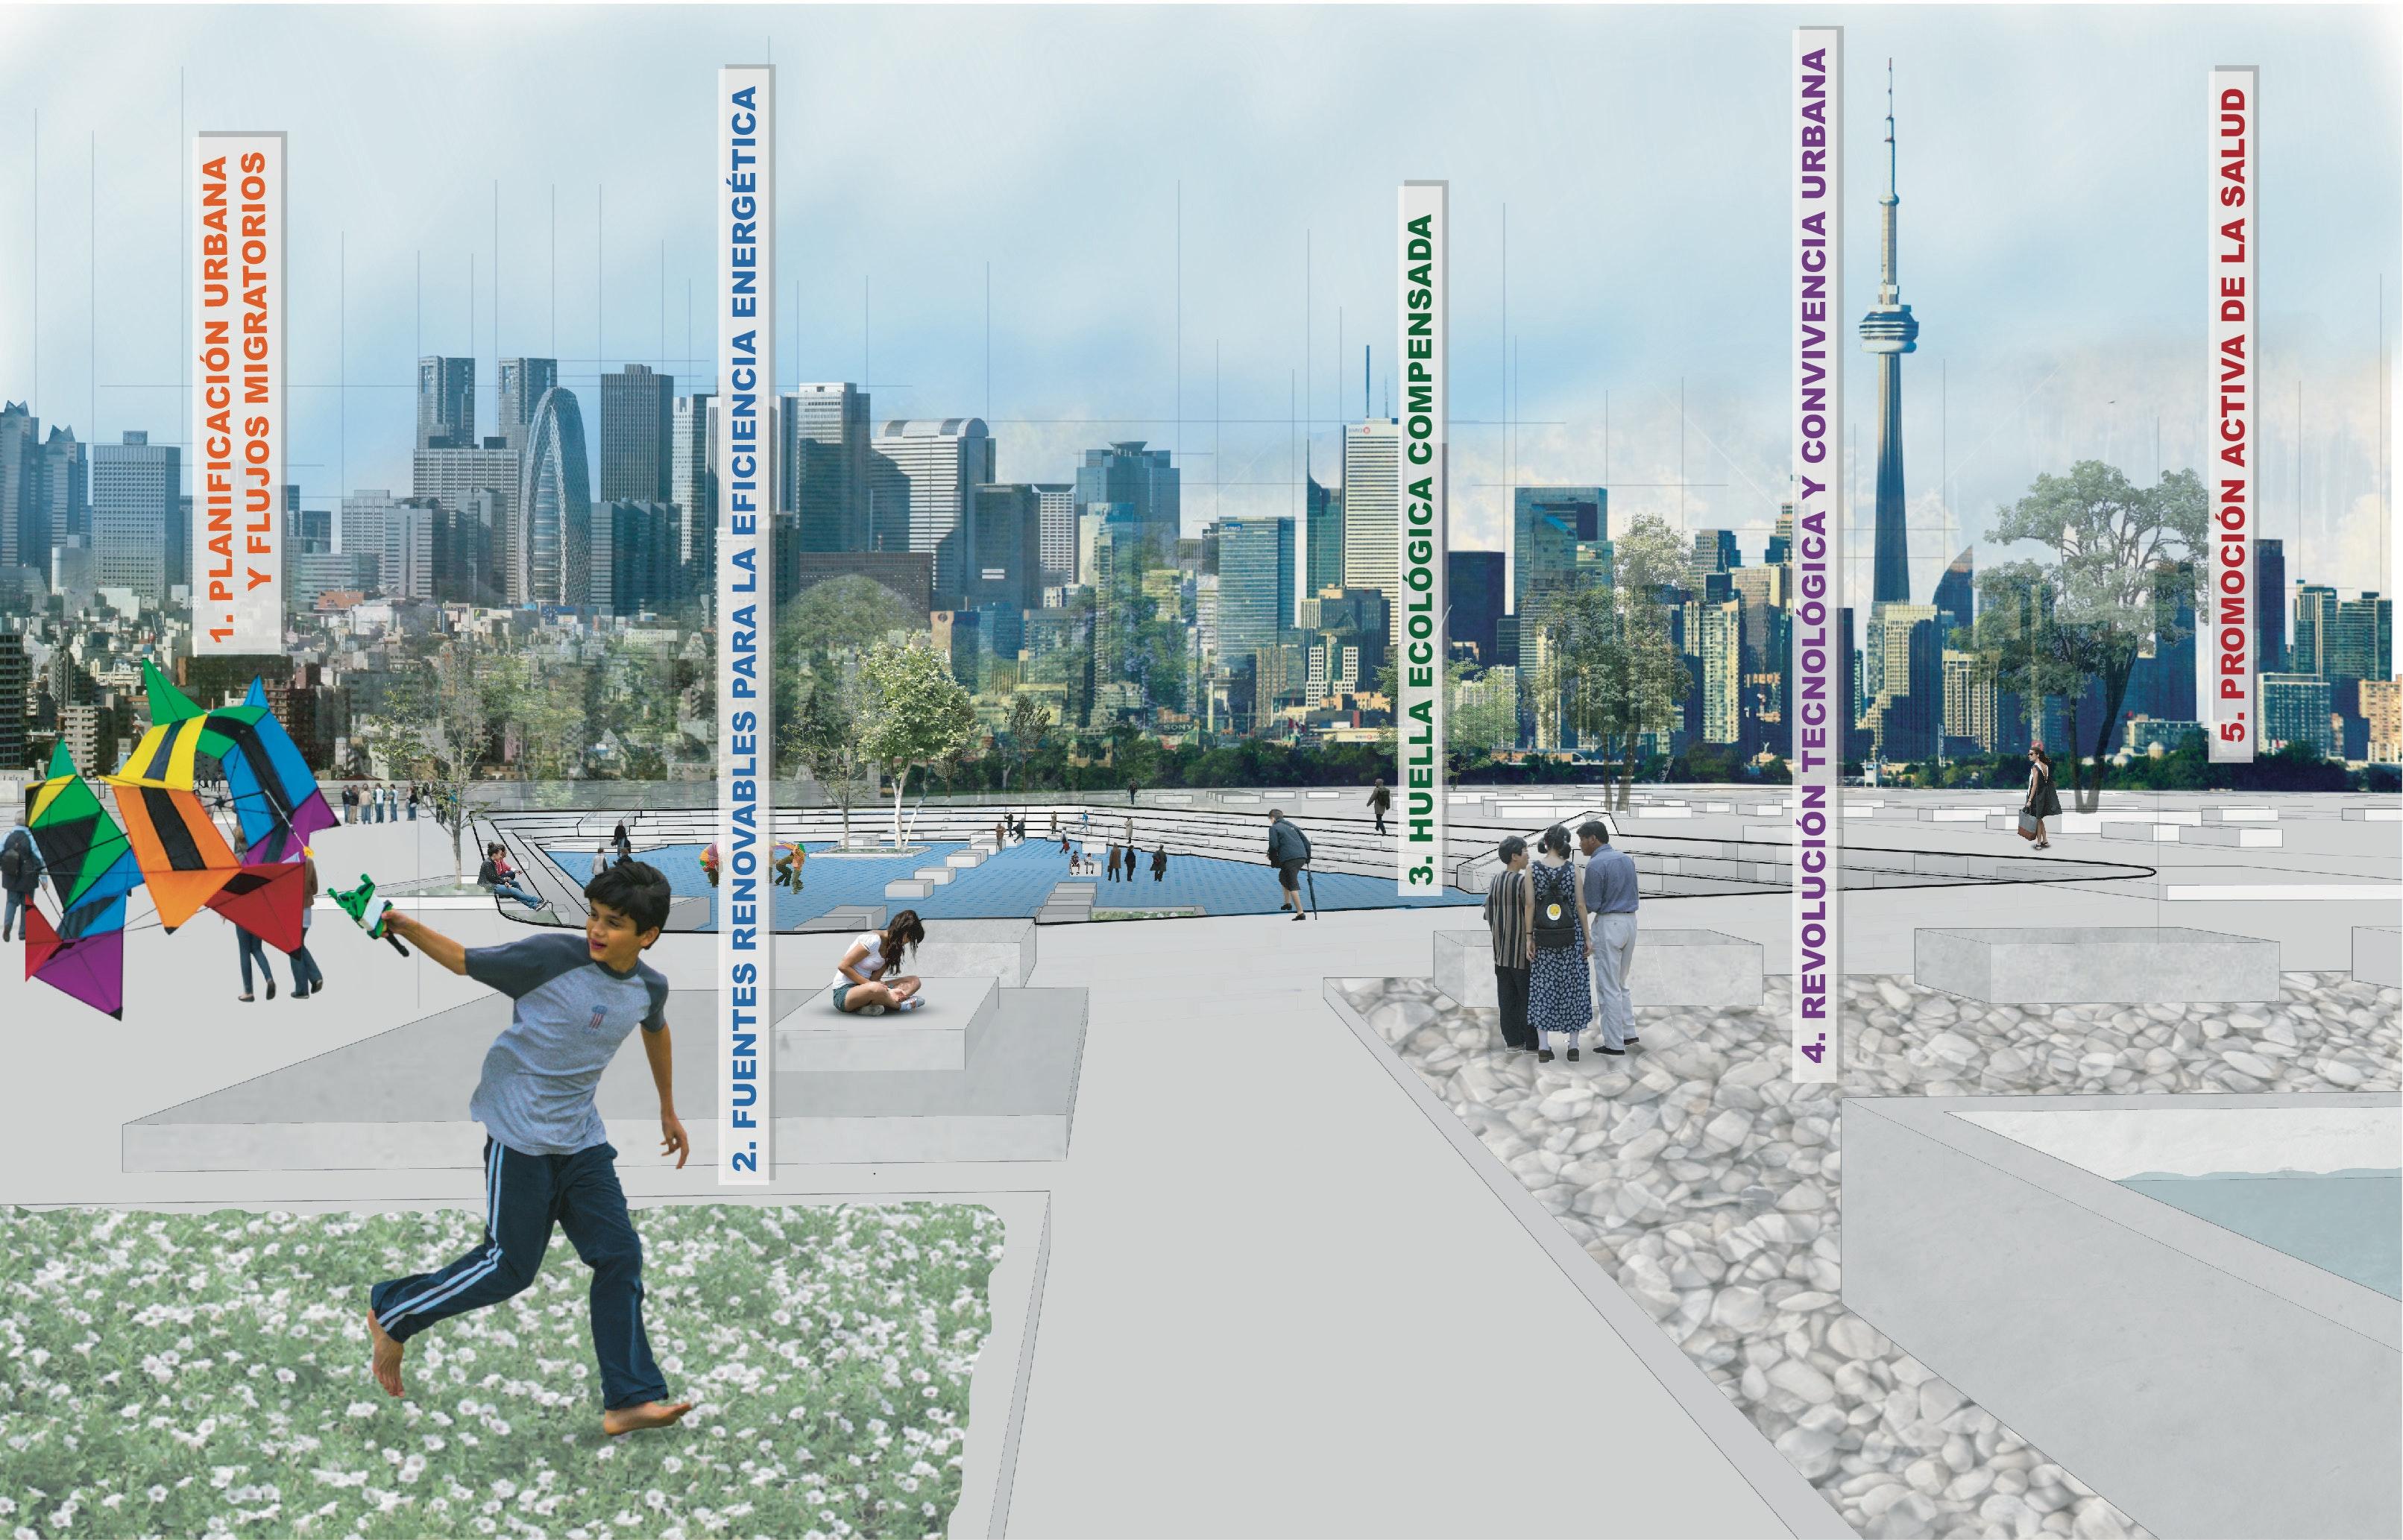 Las cinco líneas clave para medir el futuro de nuestras ciudades.Juan Manuel Ros García,Author provided